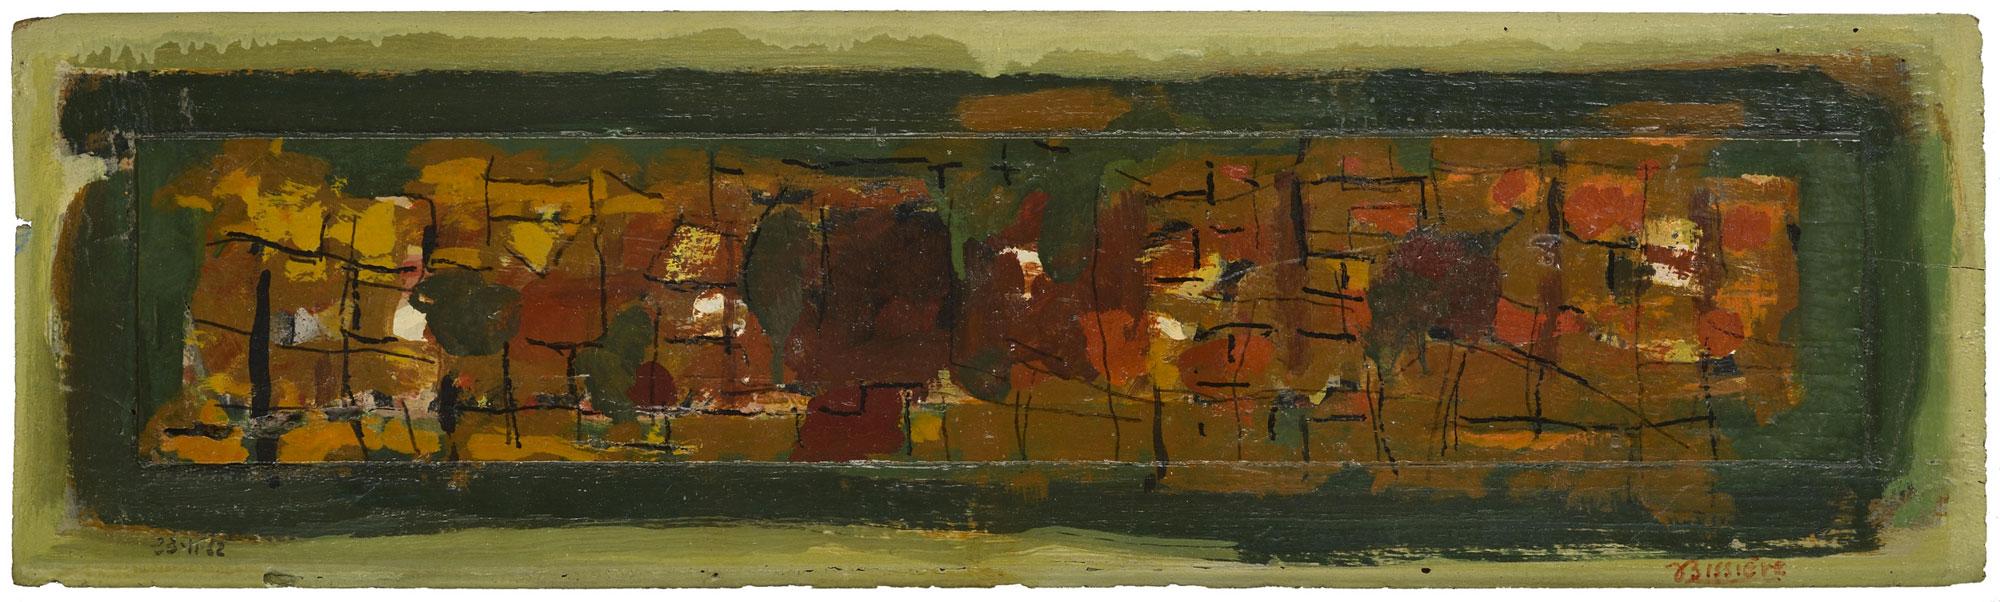 Journal, 23 novembre 1962 - Huile et rehauts de crayon feutre sur panneau, 18,7 x 63,5 cm - Coll. part. – Bissière cat. raisonné n° 2617